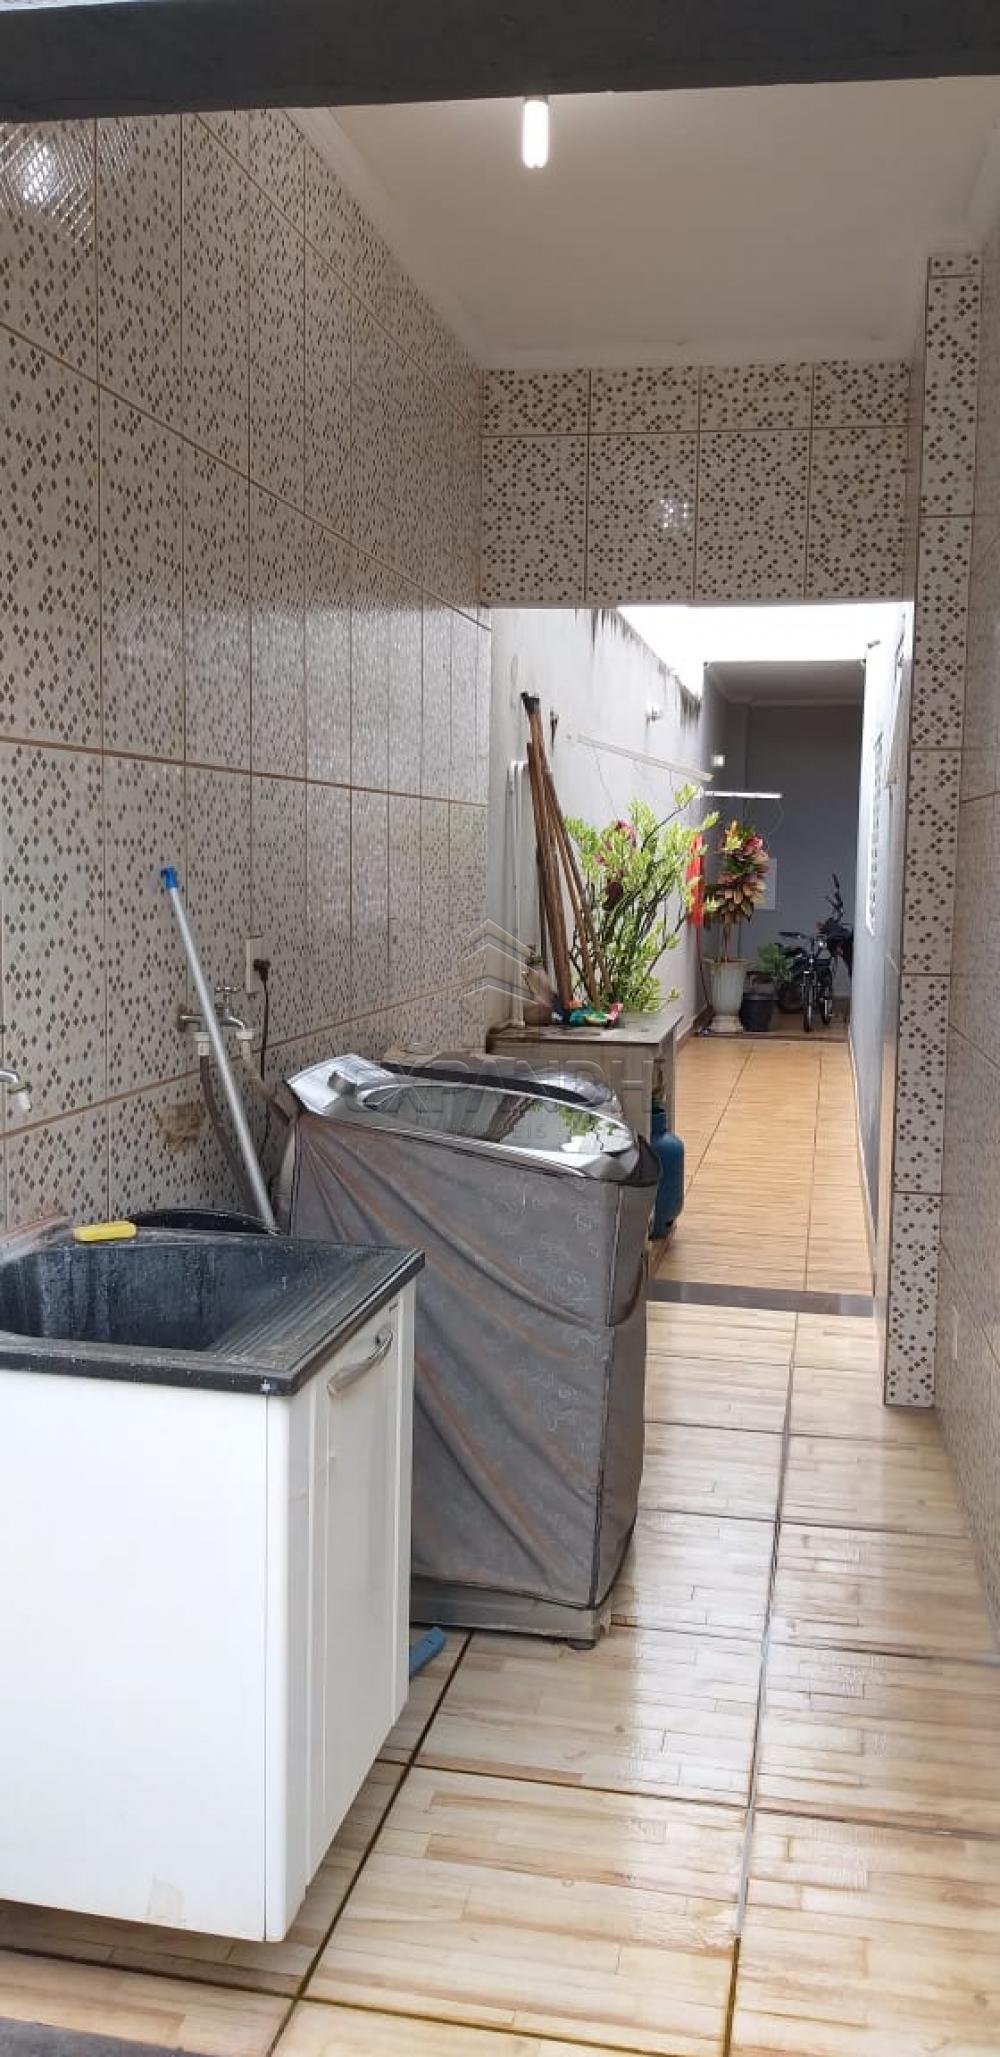 Comprar Casas / Padrão em Sertãozinho R$ 380.000,00 - Foto 12